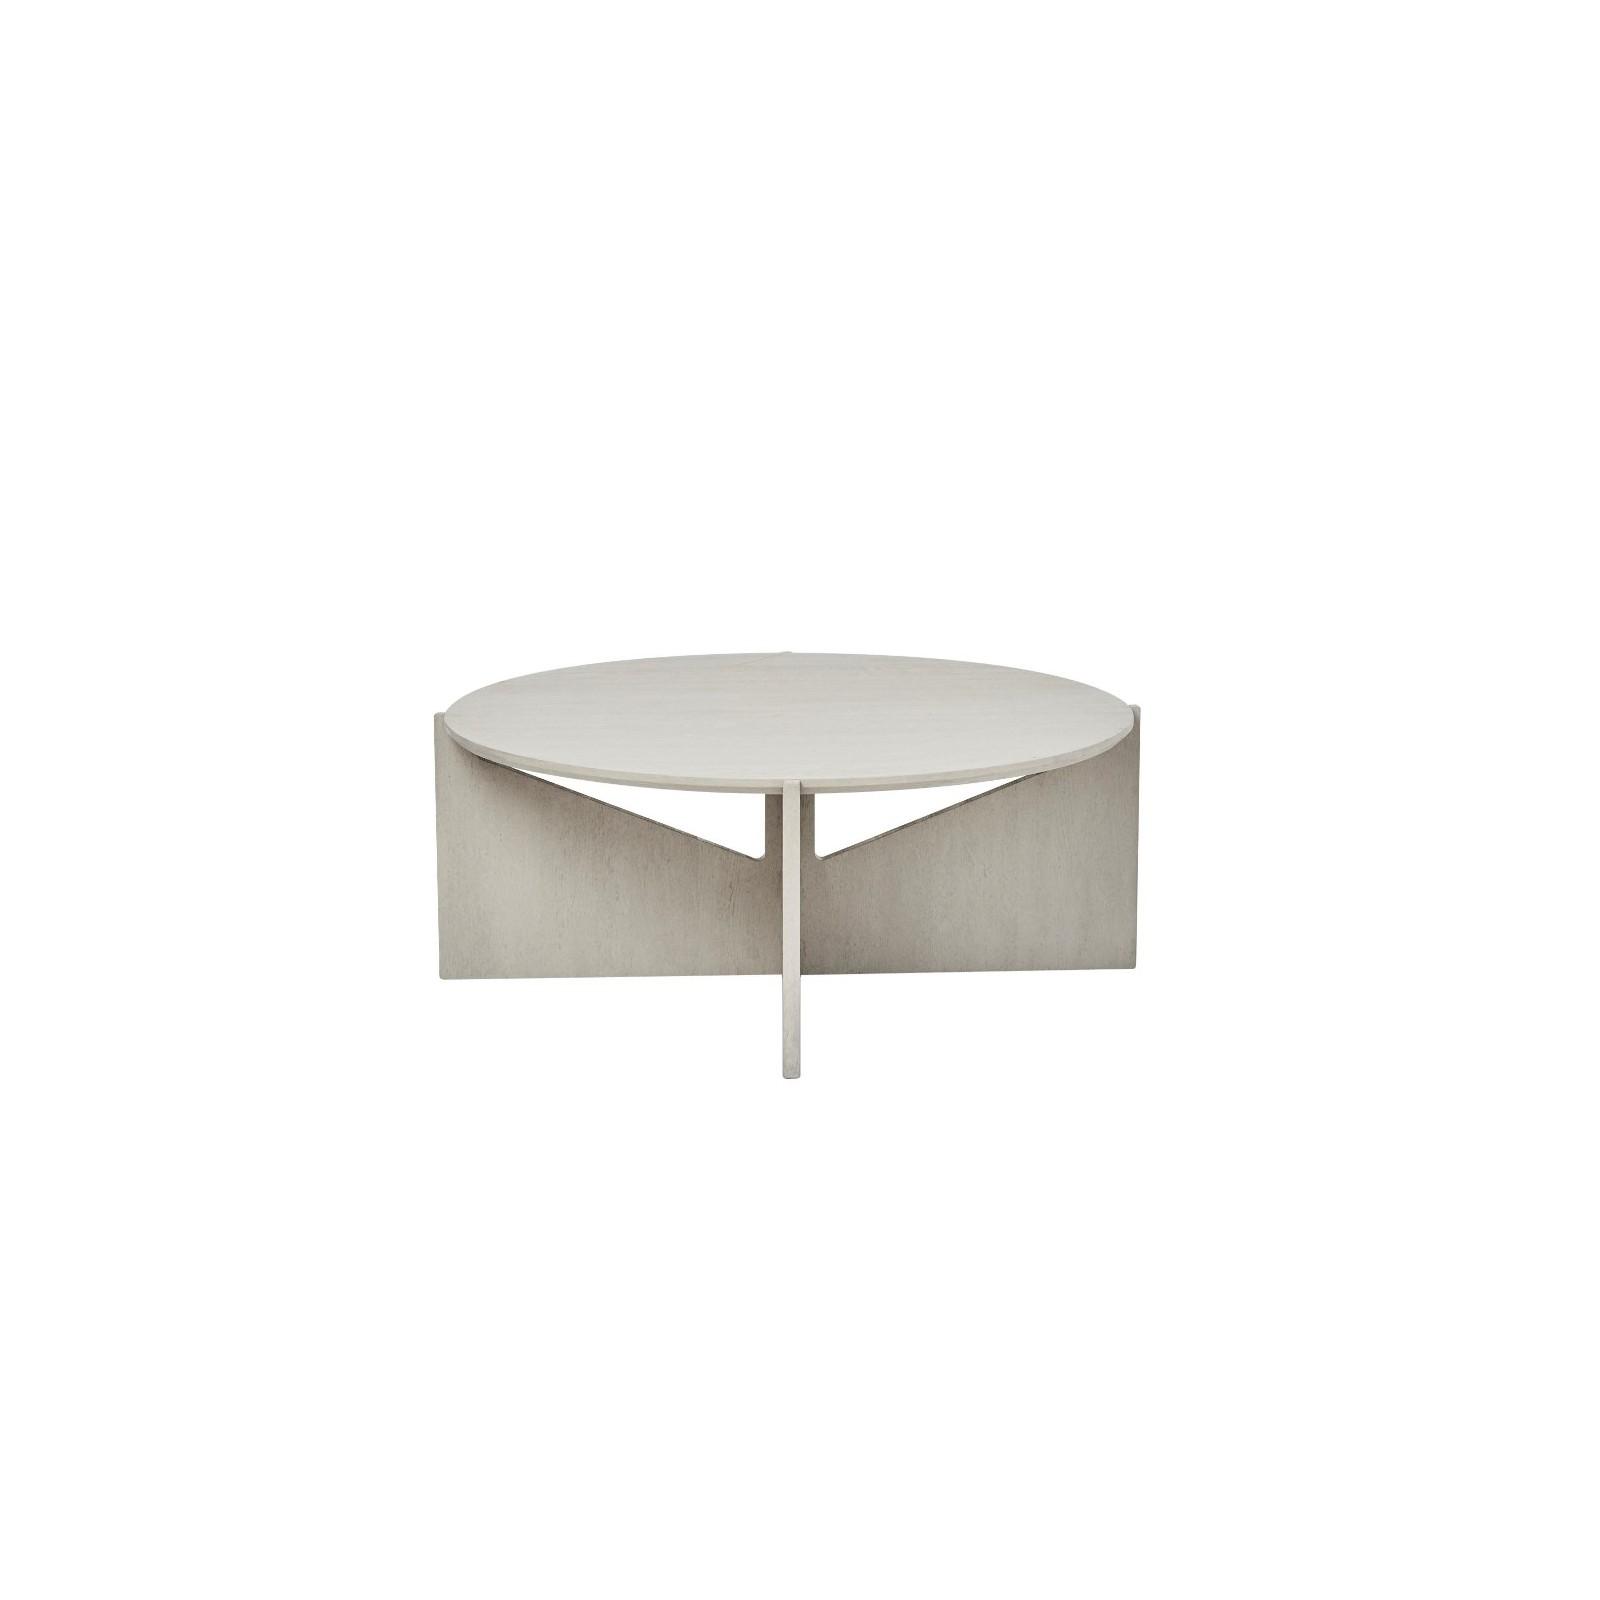 Grande Table Basse Chêne Gris Arne Concept